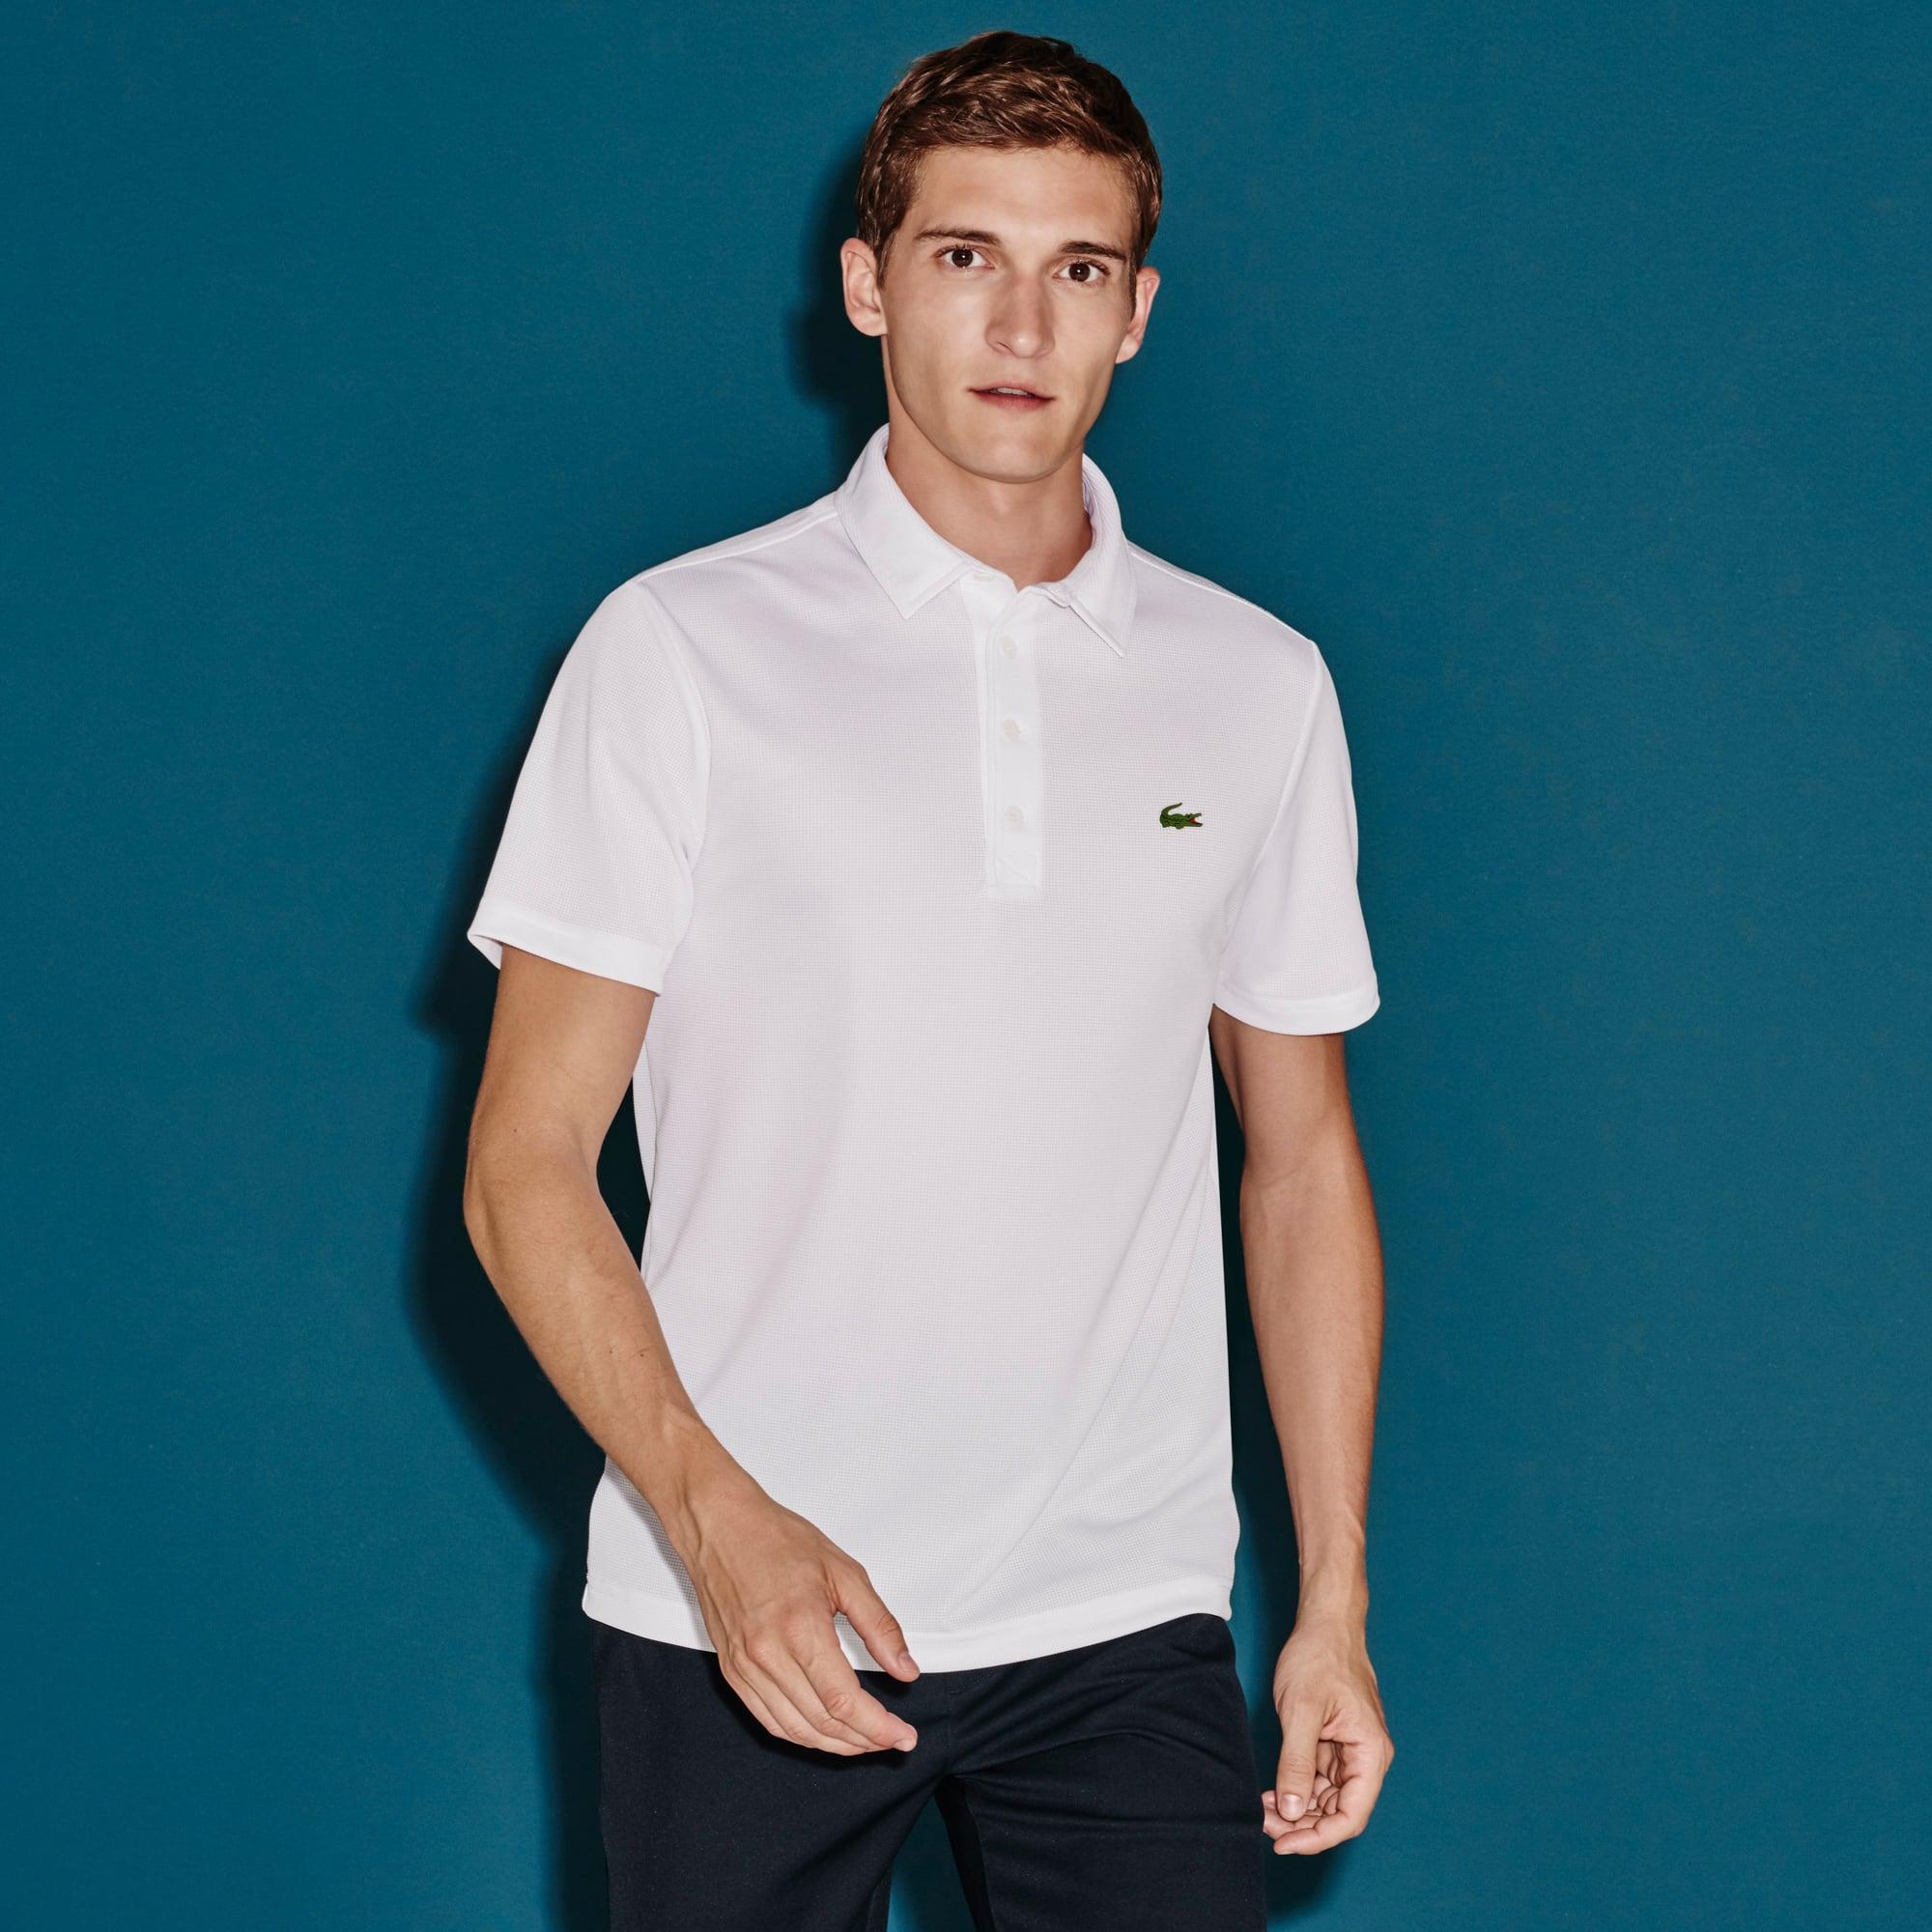 Men's SPORT Regular Fit Ultra Dry Textured Golf Polo Shirt